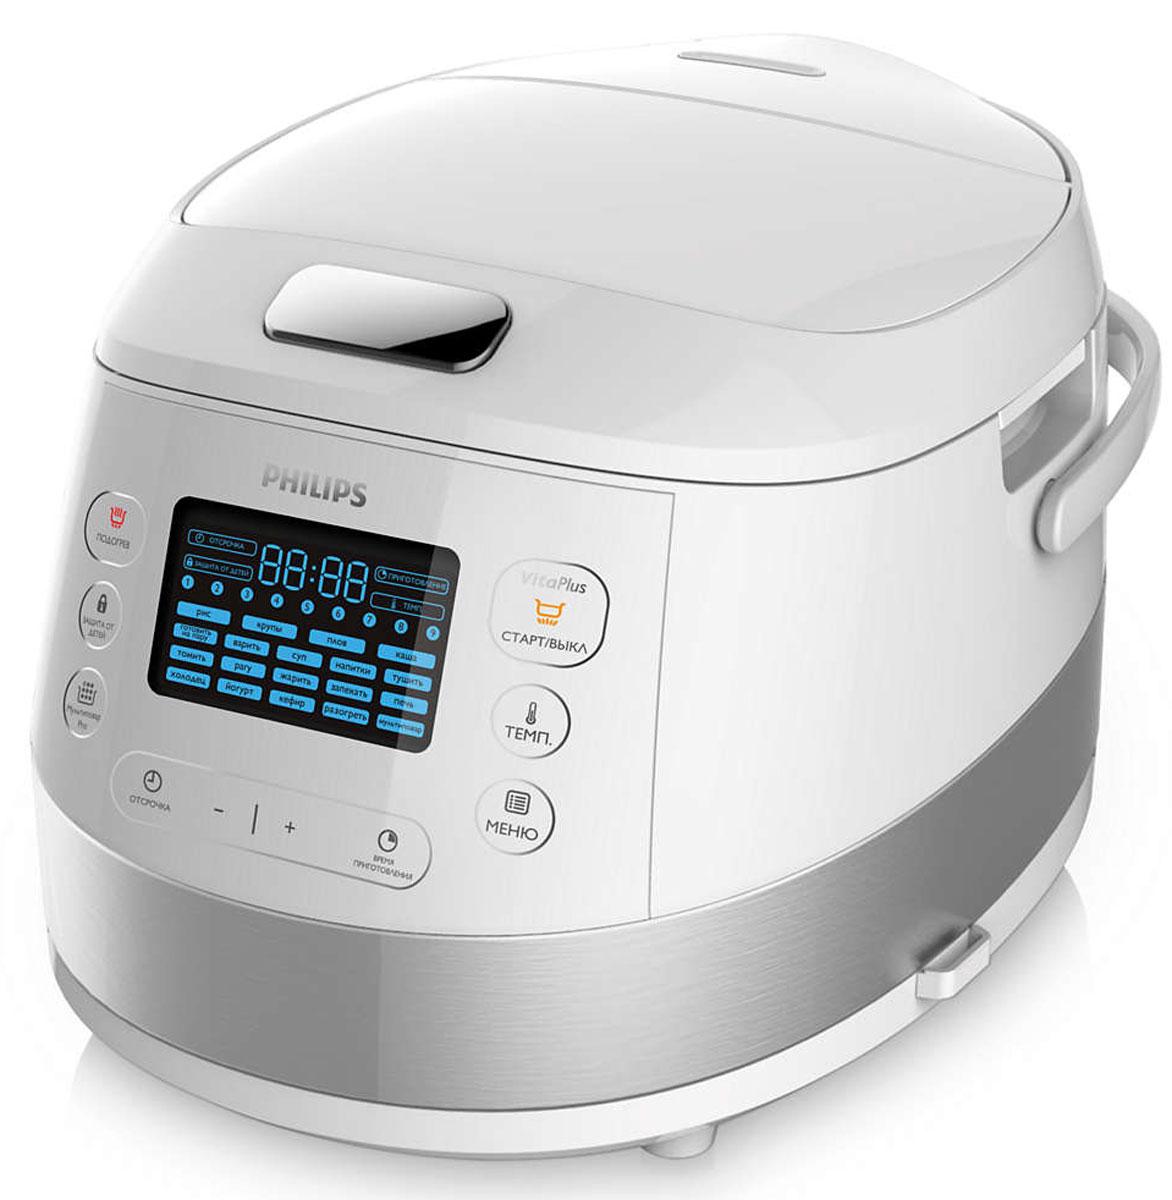 Philips HD4731/03, Silver мультиваркаHD4731/03Новая мультиварка Philips HD4731/03 раскрывает всю пользу ингредиентов благодаря усовершенствованной технологии нагрева блюда. В комплект входит кулинарная книга на 65 рецептов. Здоровое питание каждый день!Усовершенствованная технология нагрева предназначена для обработки ингредиентов и приготовления различных блюд. Равномерное распределение тепла достигается благодаря технологии 3D-нагрева, а 19 автоматических предустановленных программ с оптимальными настройками температуры и нагрева обеспечивают превосходные результаты при обработке ингредиентов и приготовлении различных блюд. Функция Мультиповар Pro позволяет настраивать время и температуру приготовления вручную на разных этапах.Удобный в программировании таймер отсрочки старта до 24 часов позволяет готовить блюда к заданному времени. Внутреннюю чашу можно мыть в посудомоечной машине. Толстостенная емкость 1,5 мм с керамическим покрытием не позволит вашим блюдам пригореть, сохраняя всю пользу приготавливаемой пищи.УВАЖАЕМЫЕ КЛИЕНТЫ!Обращаем ваше внимание на тот факт, что объем чаши указан максимальный, с учетом полного наполнения до кромки. Шкала на внутренней стенке чаши имеет меньший литраж.